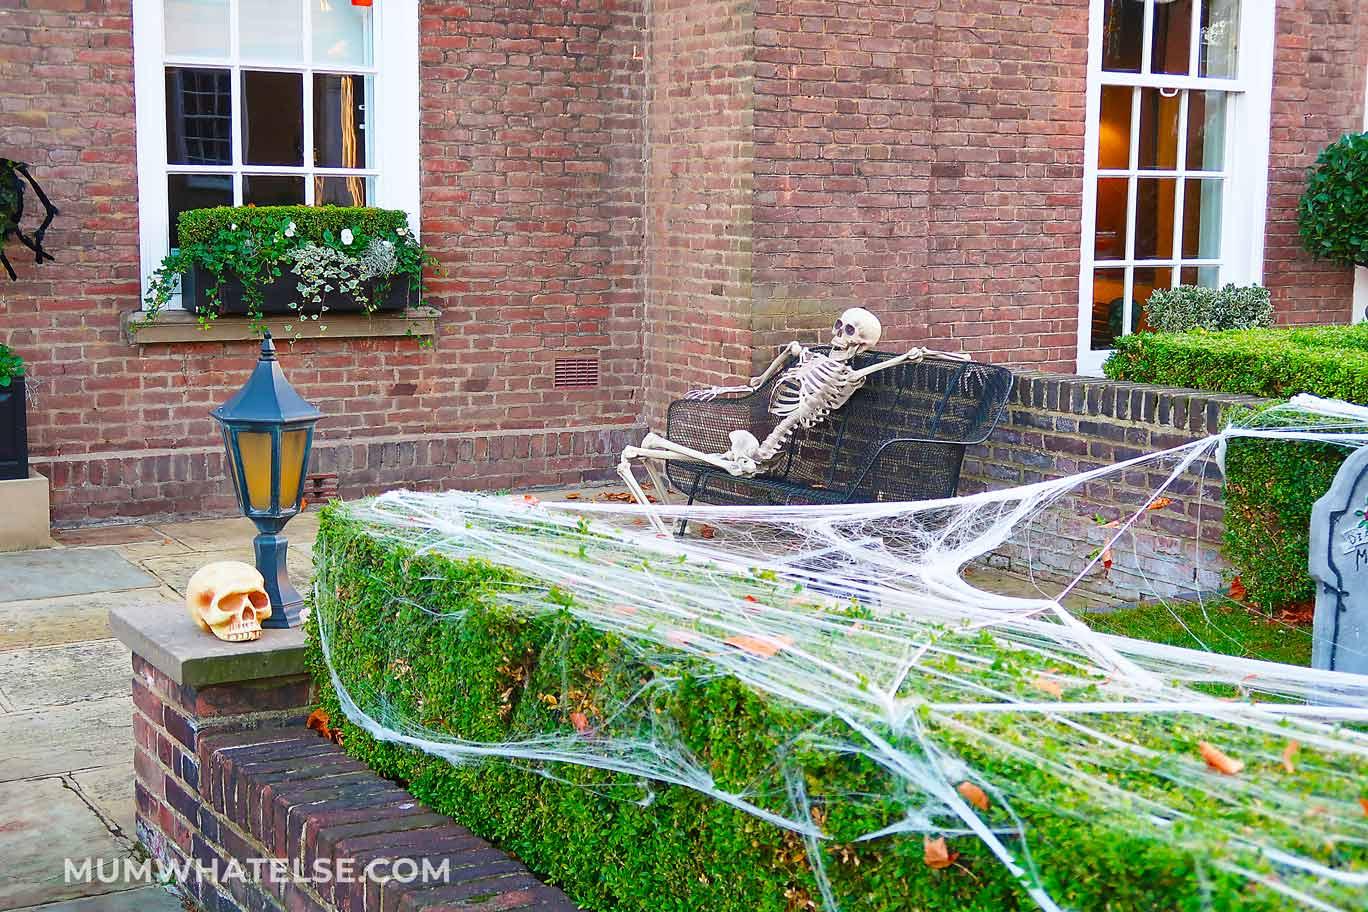 uno scheletro appoggiato su una panchina davanti a una casa a Londra